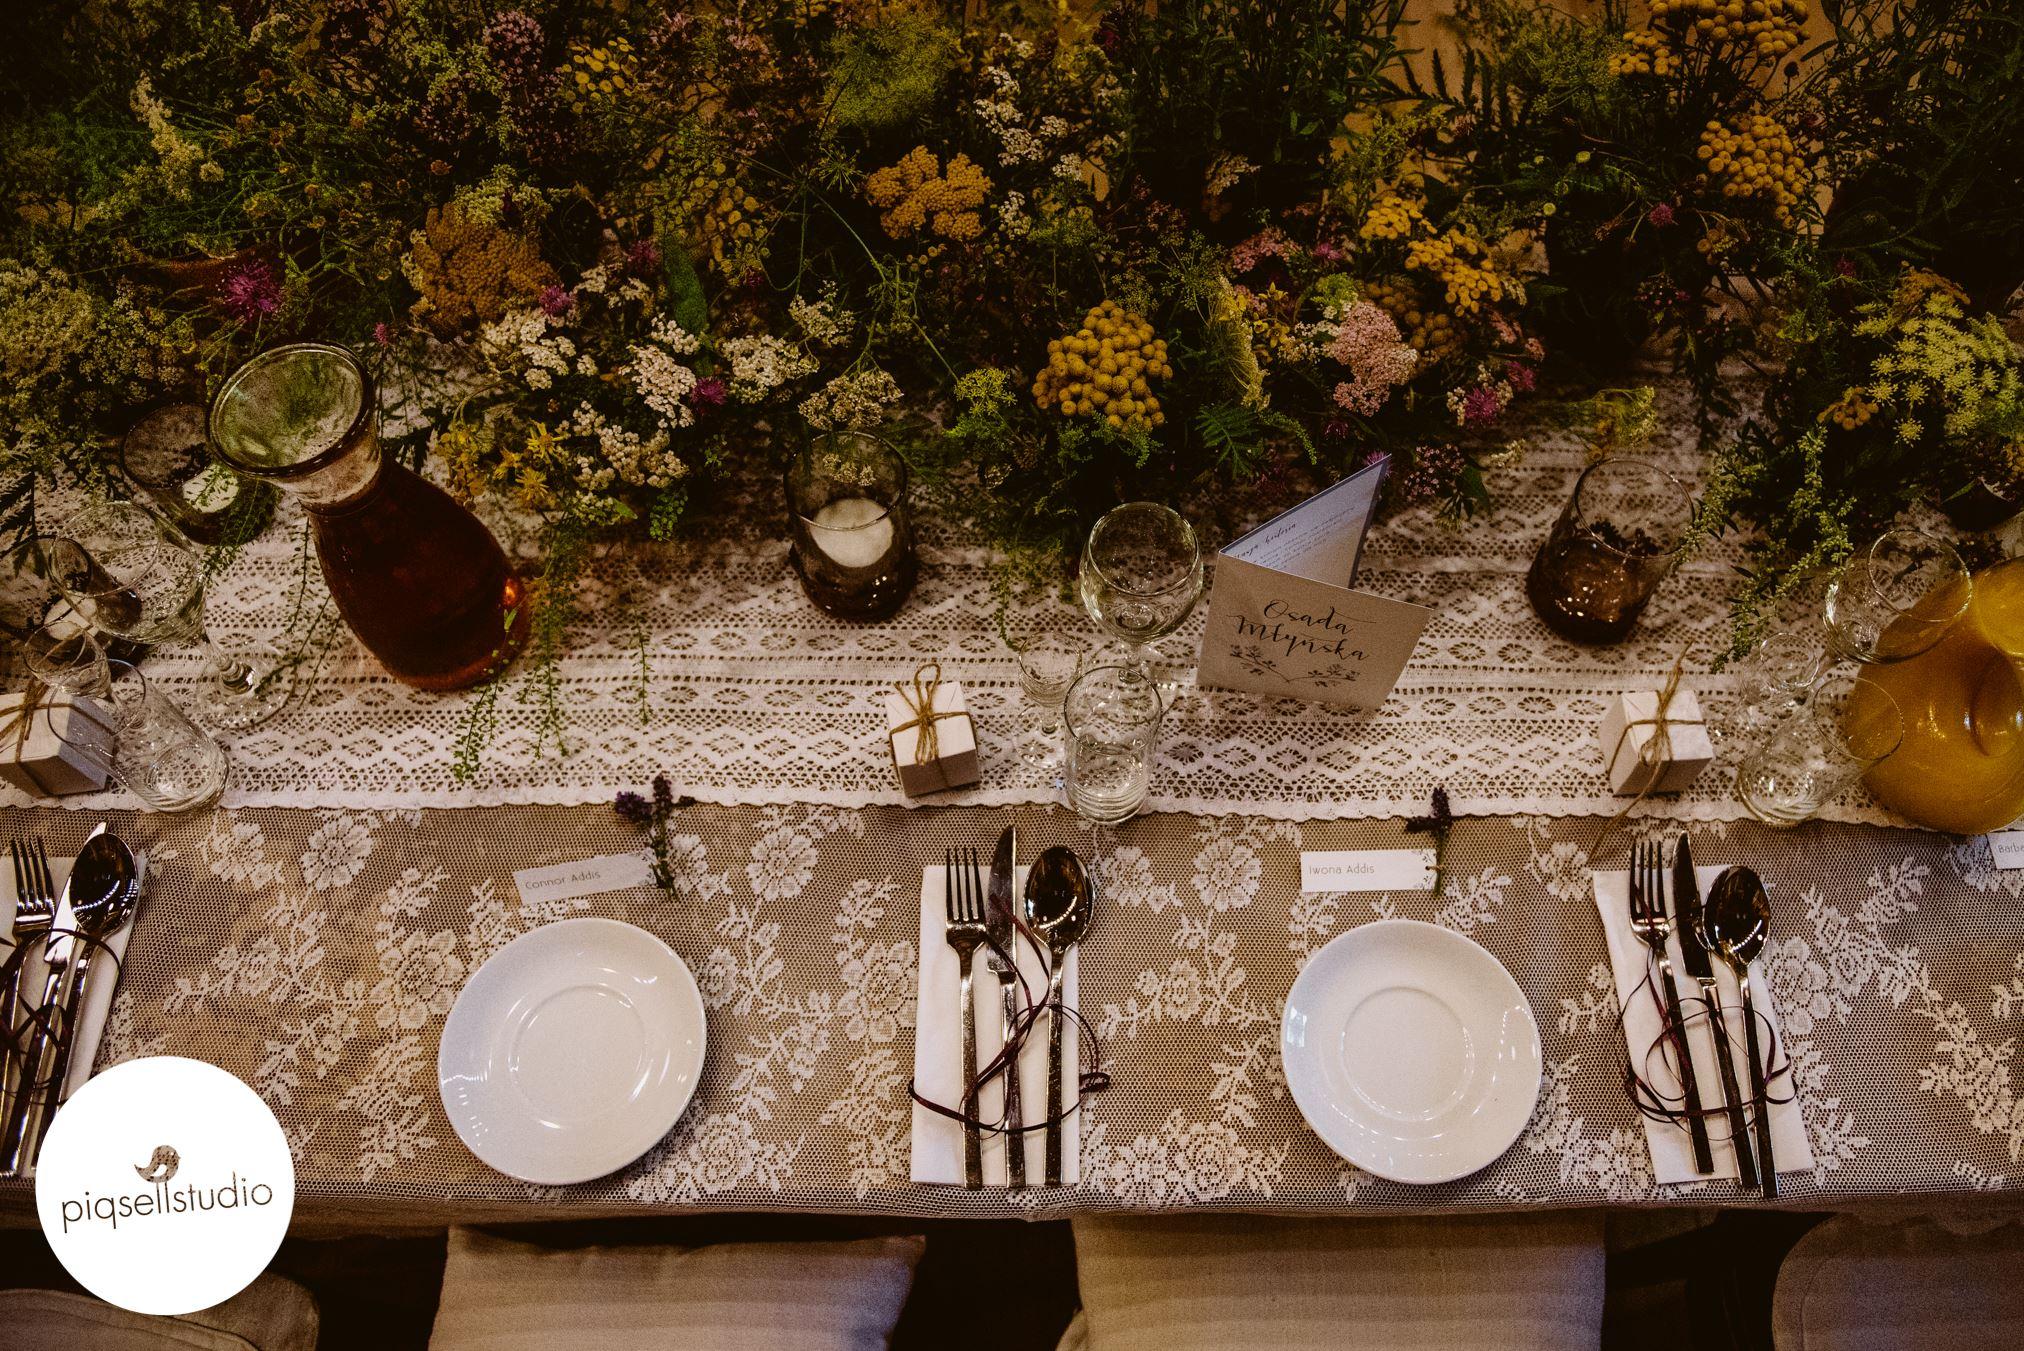 Koordynatorka ślubna dopilnuje dekoracji.